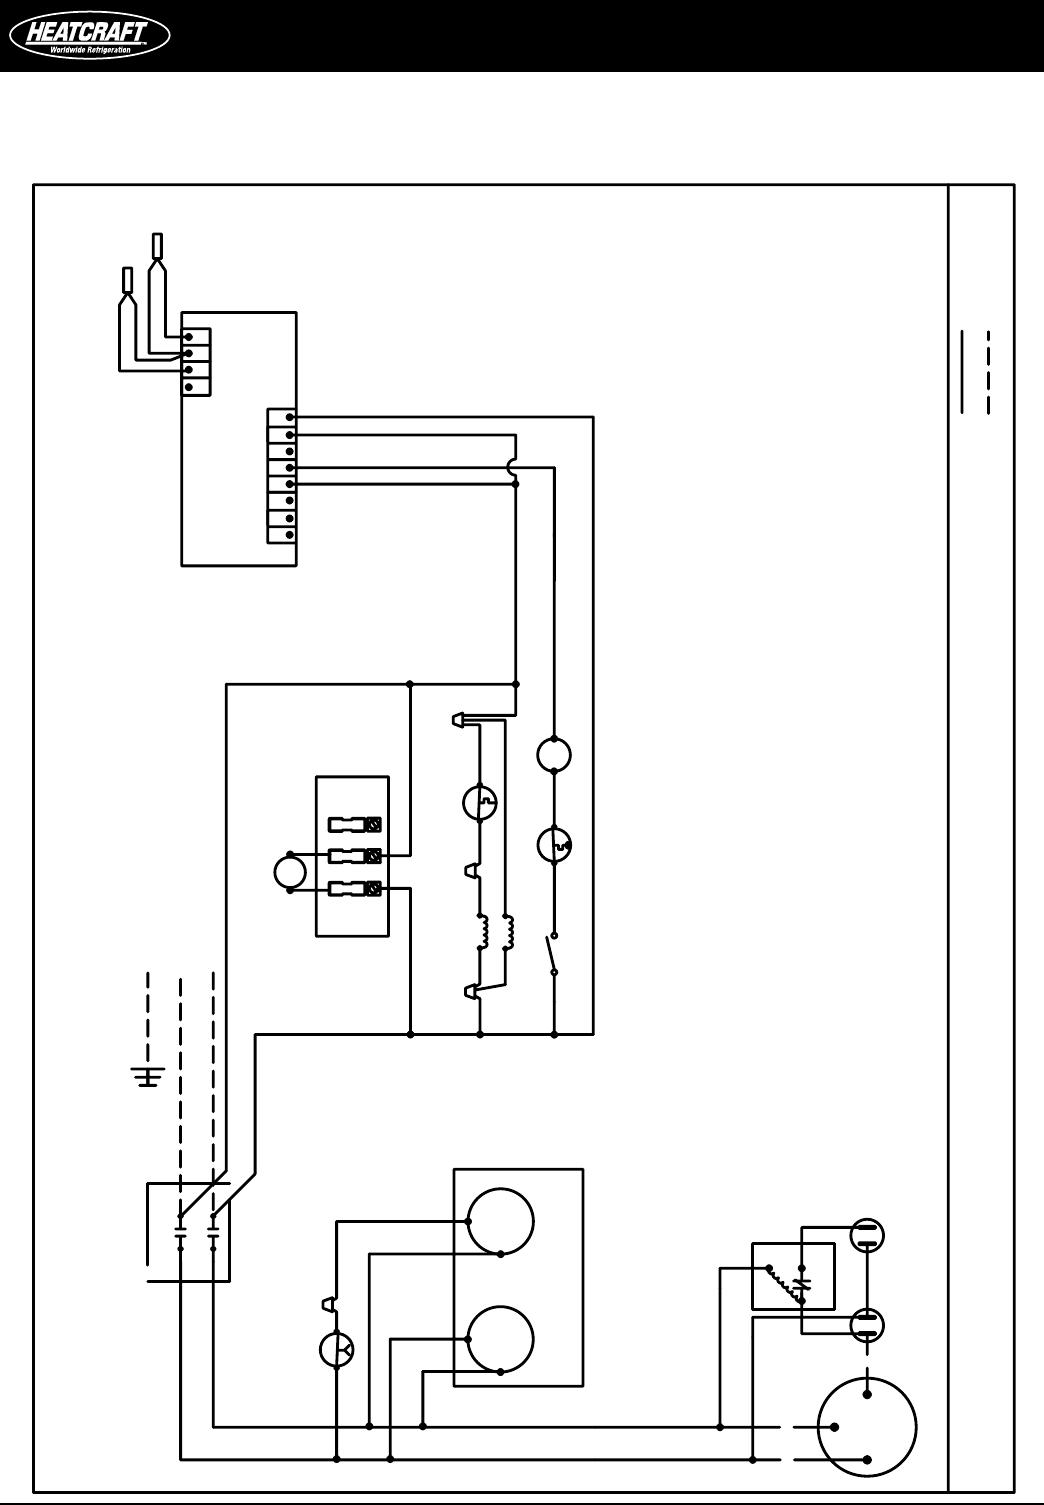 Grafflin Dtav40 Defrost Timer Wiring Diagram On Grafflin Download ...